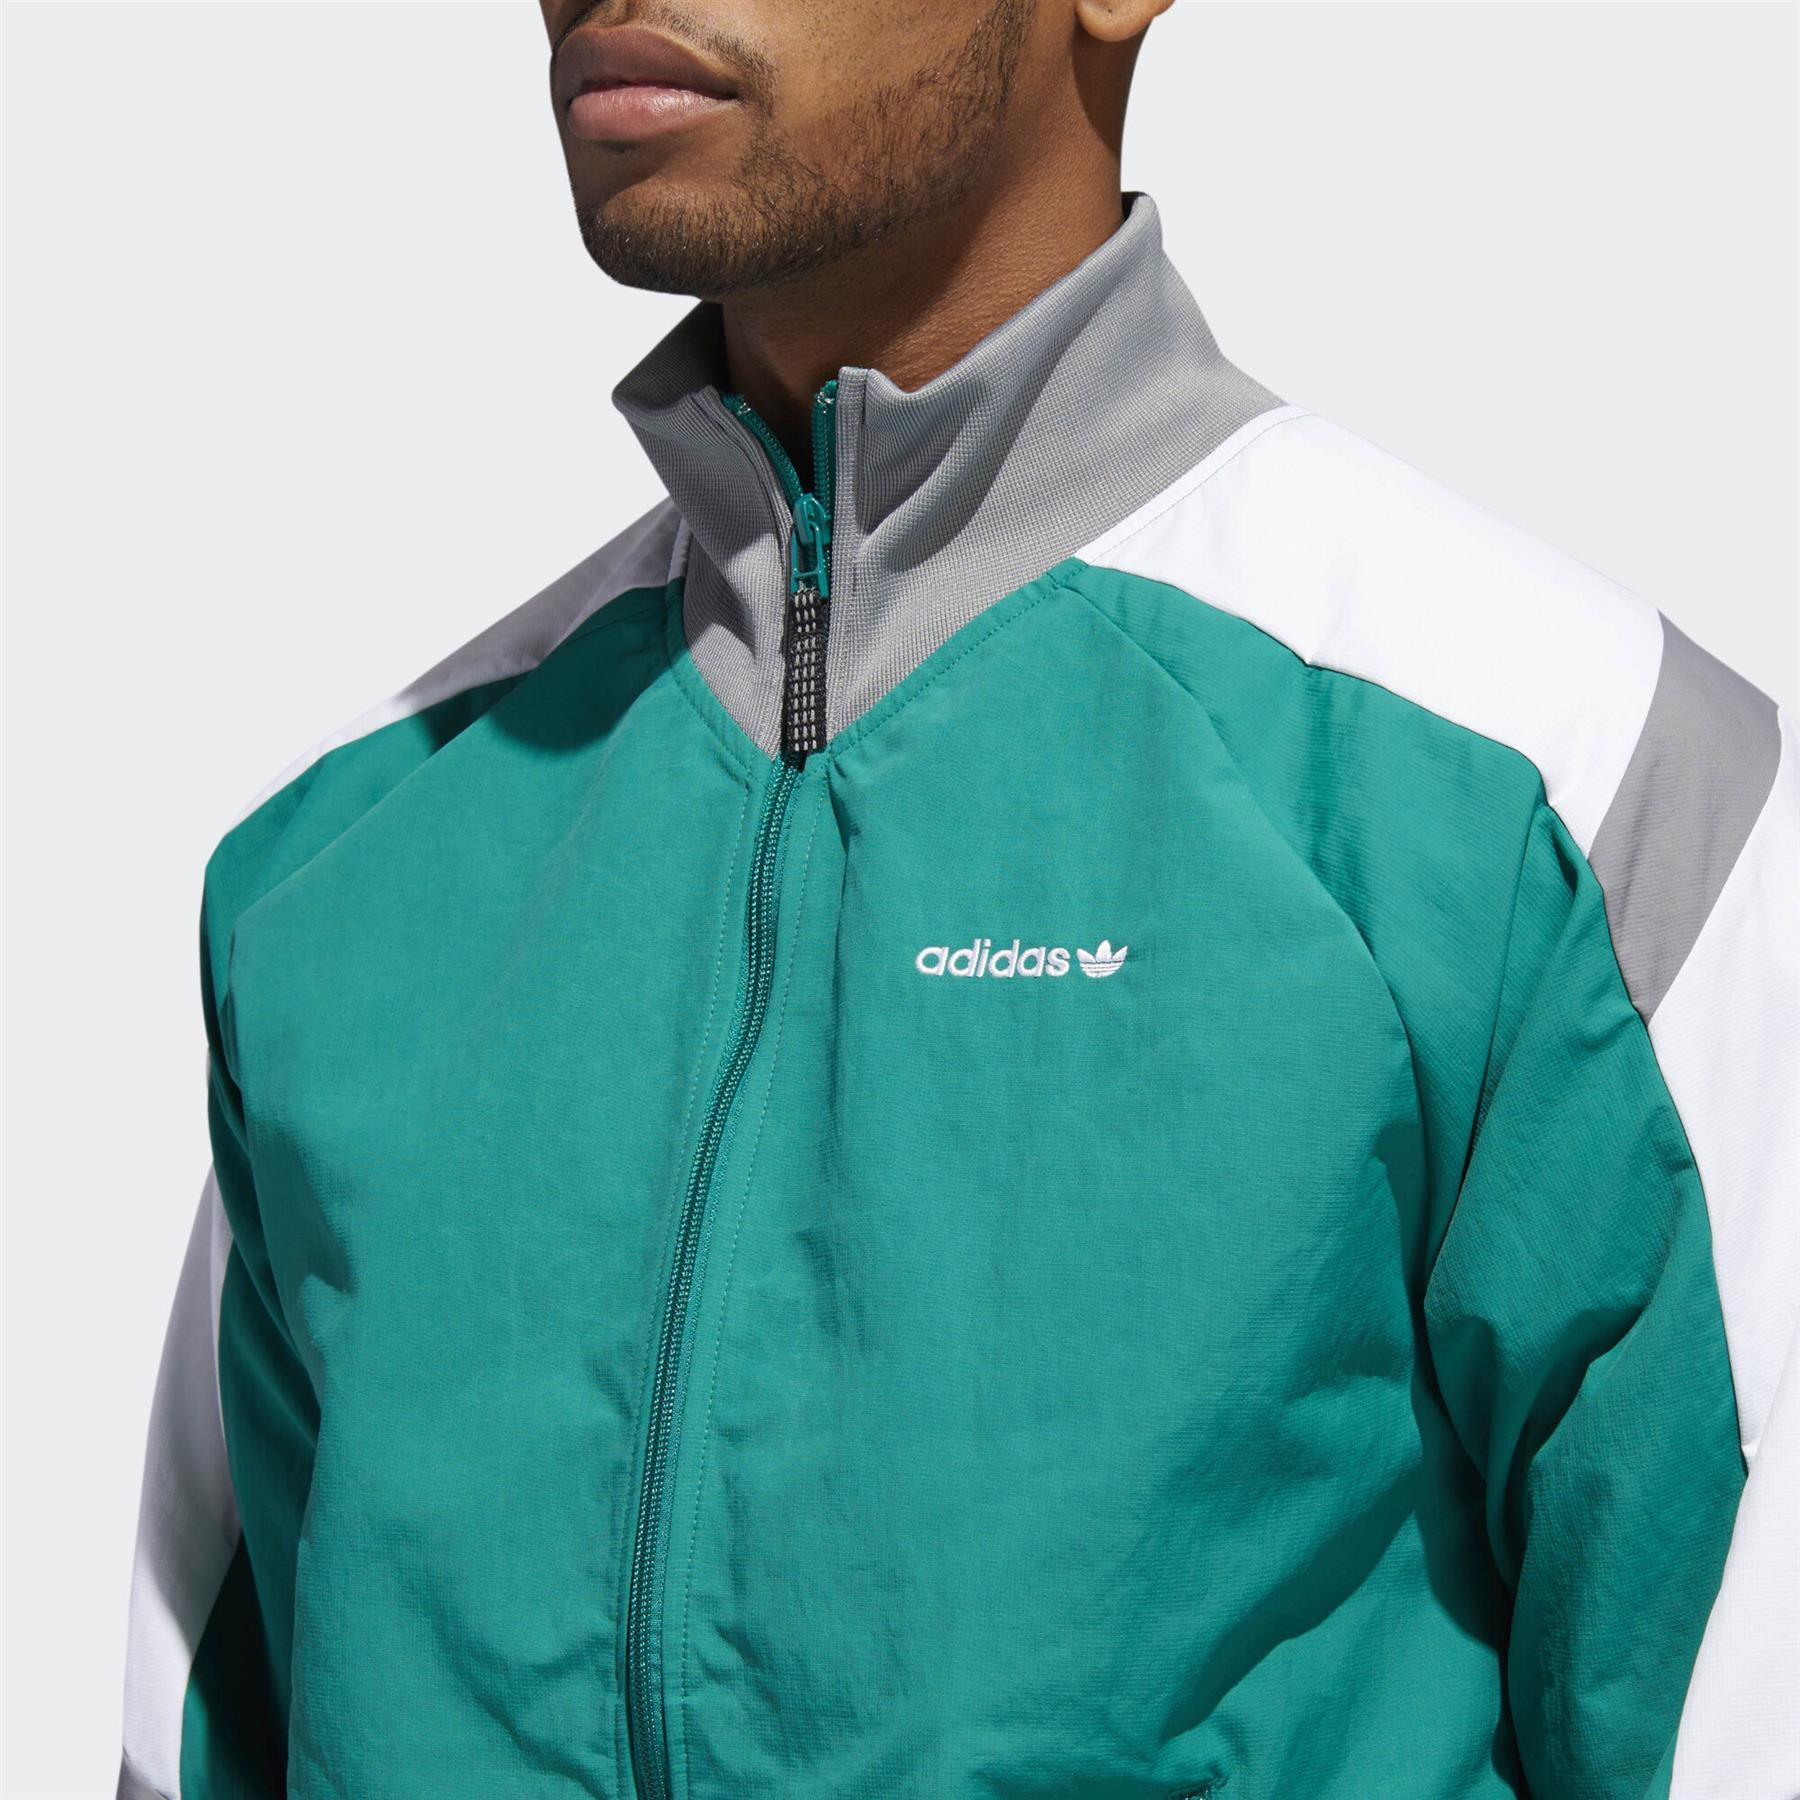 Adidas Originals EQT Block Windbreaker Jacke grün Track Top Retro 80s 90s NEU | eBay